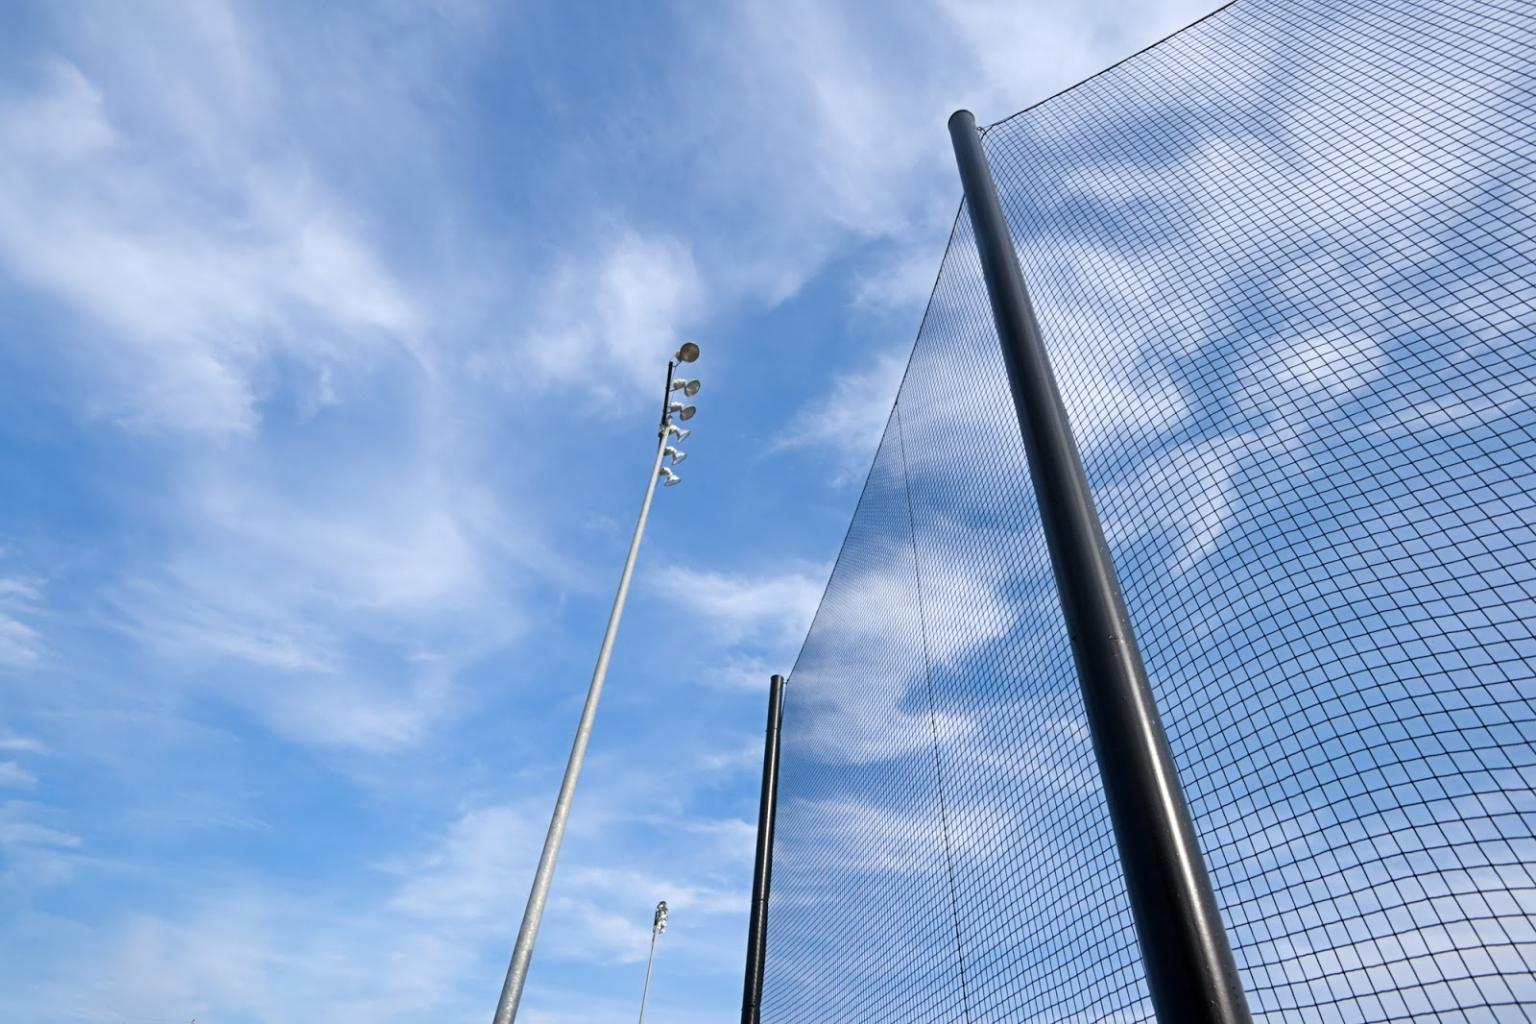 Das Rätsel um die Stangen im Netz am Baseballfeld in Nürnberg wurde gelöst